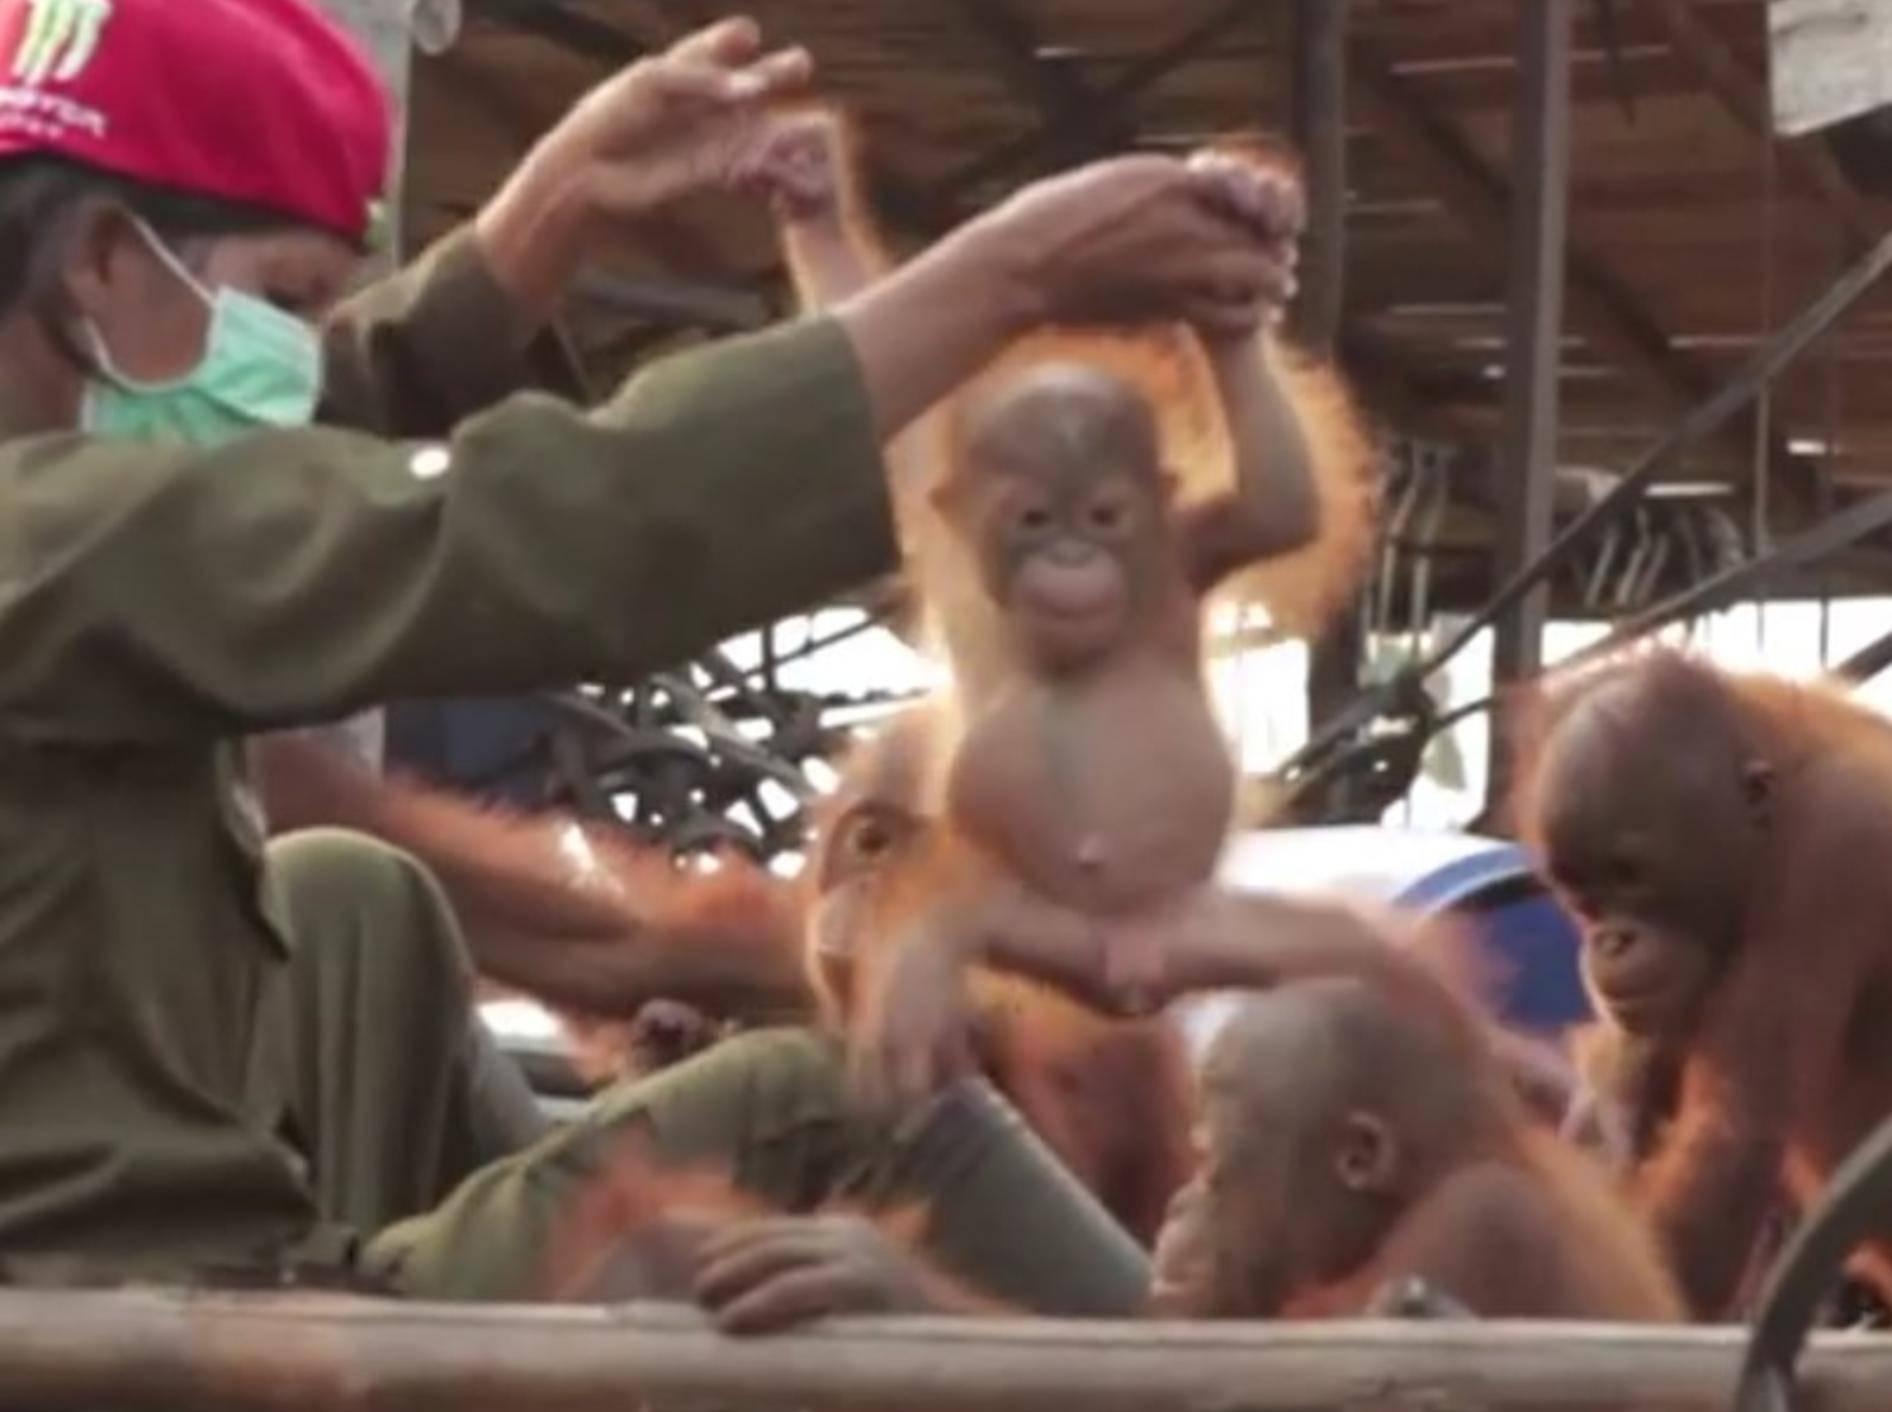 Unter Freunden macht das Leben doch gleich viel mehr Spaß! – YouTube / Orangutan Outreach ~ redapes.org